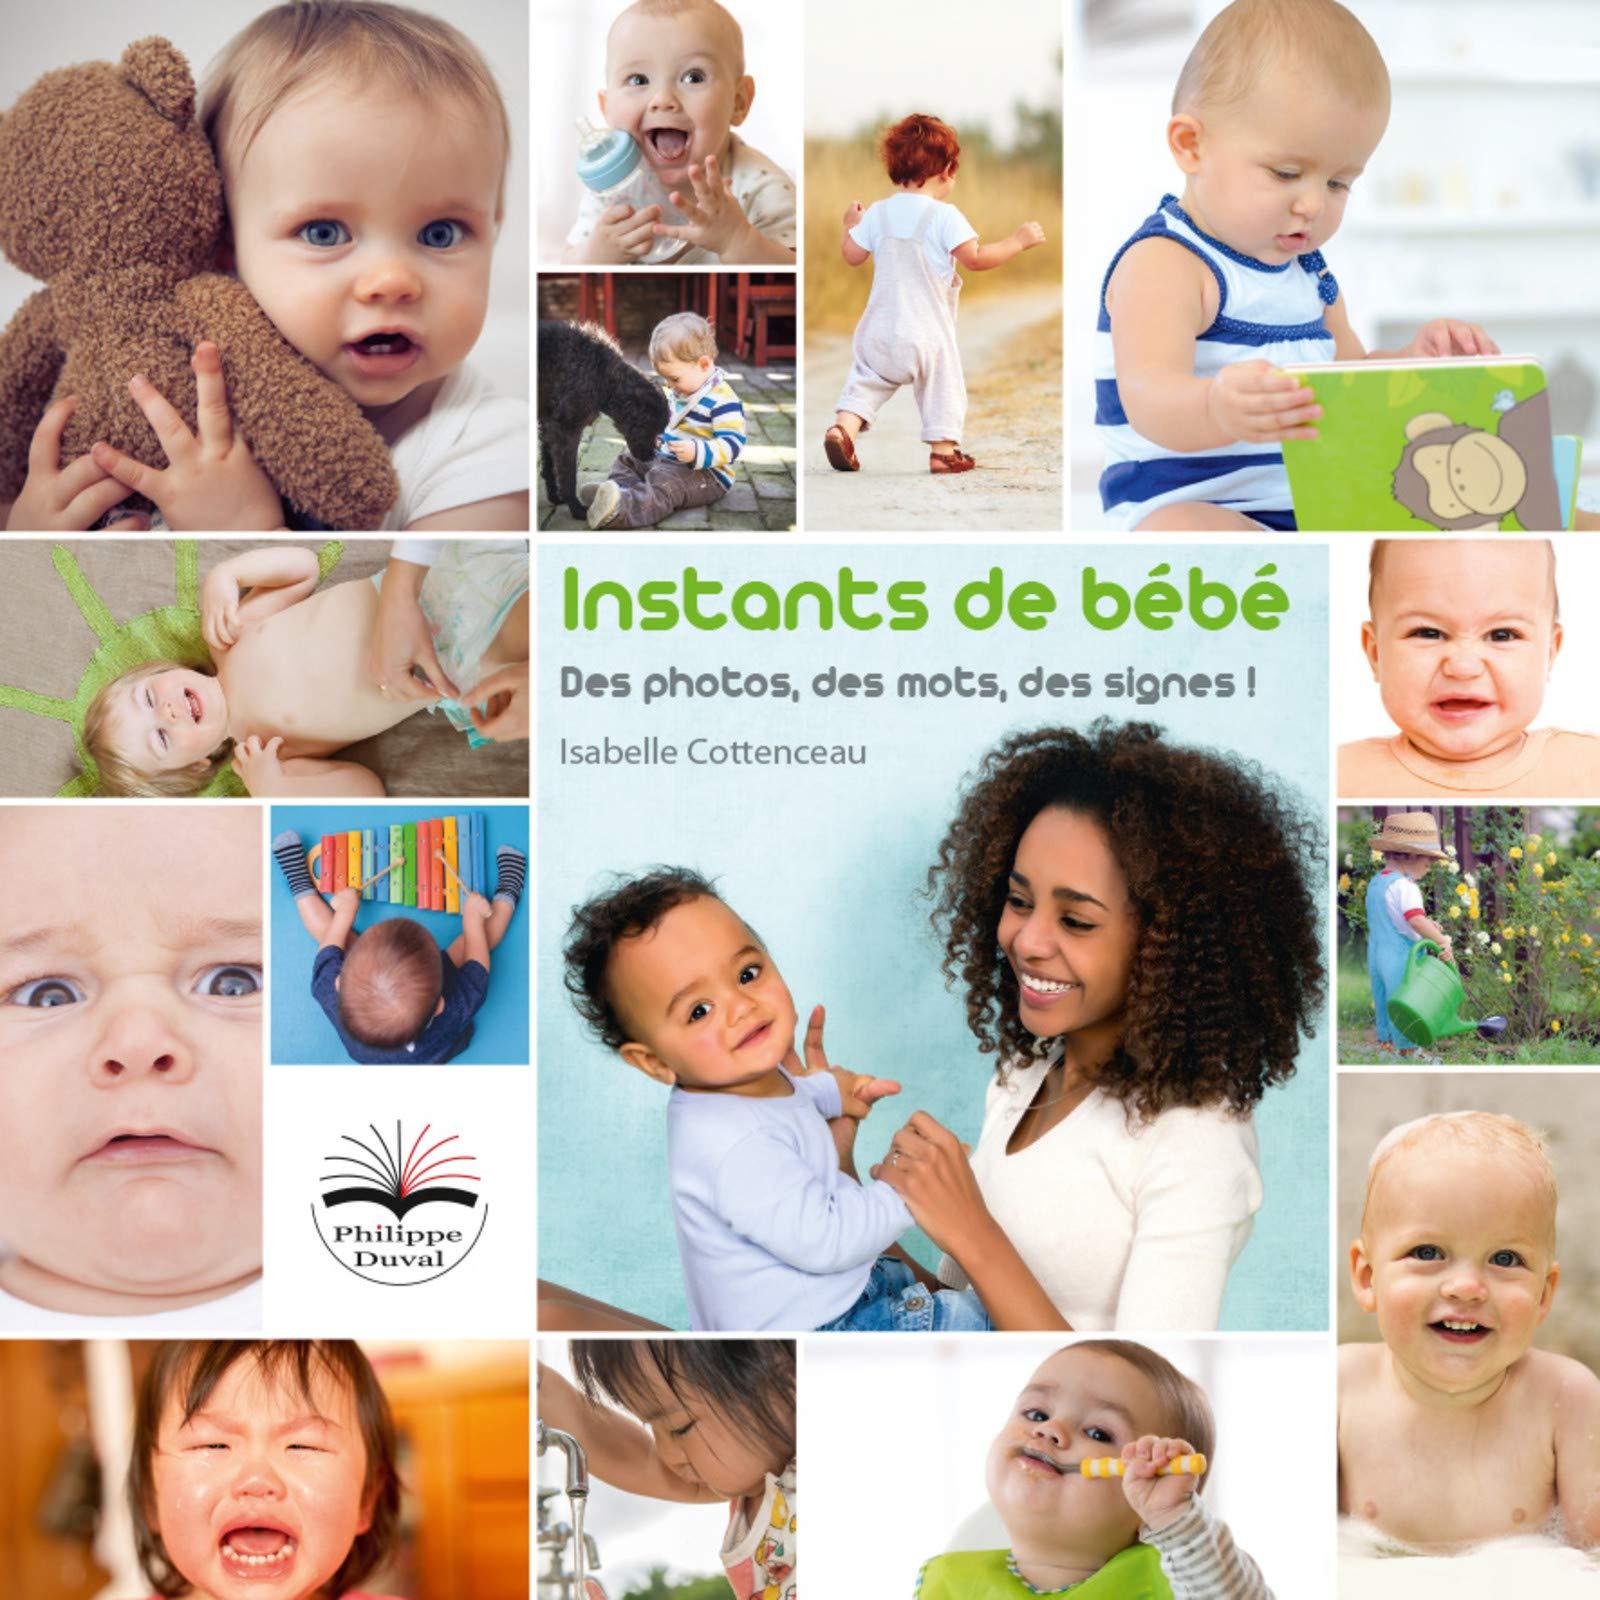 Instants de bébé: Des photos, des mots, des signes ! Imagier et livret support por Isabelle Cottenceau